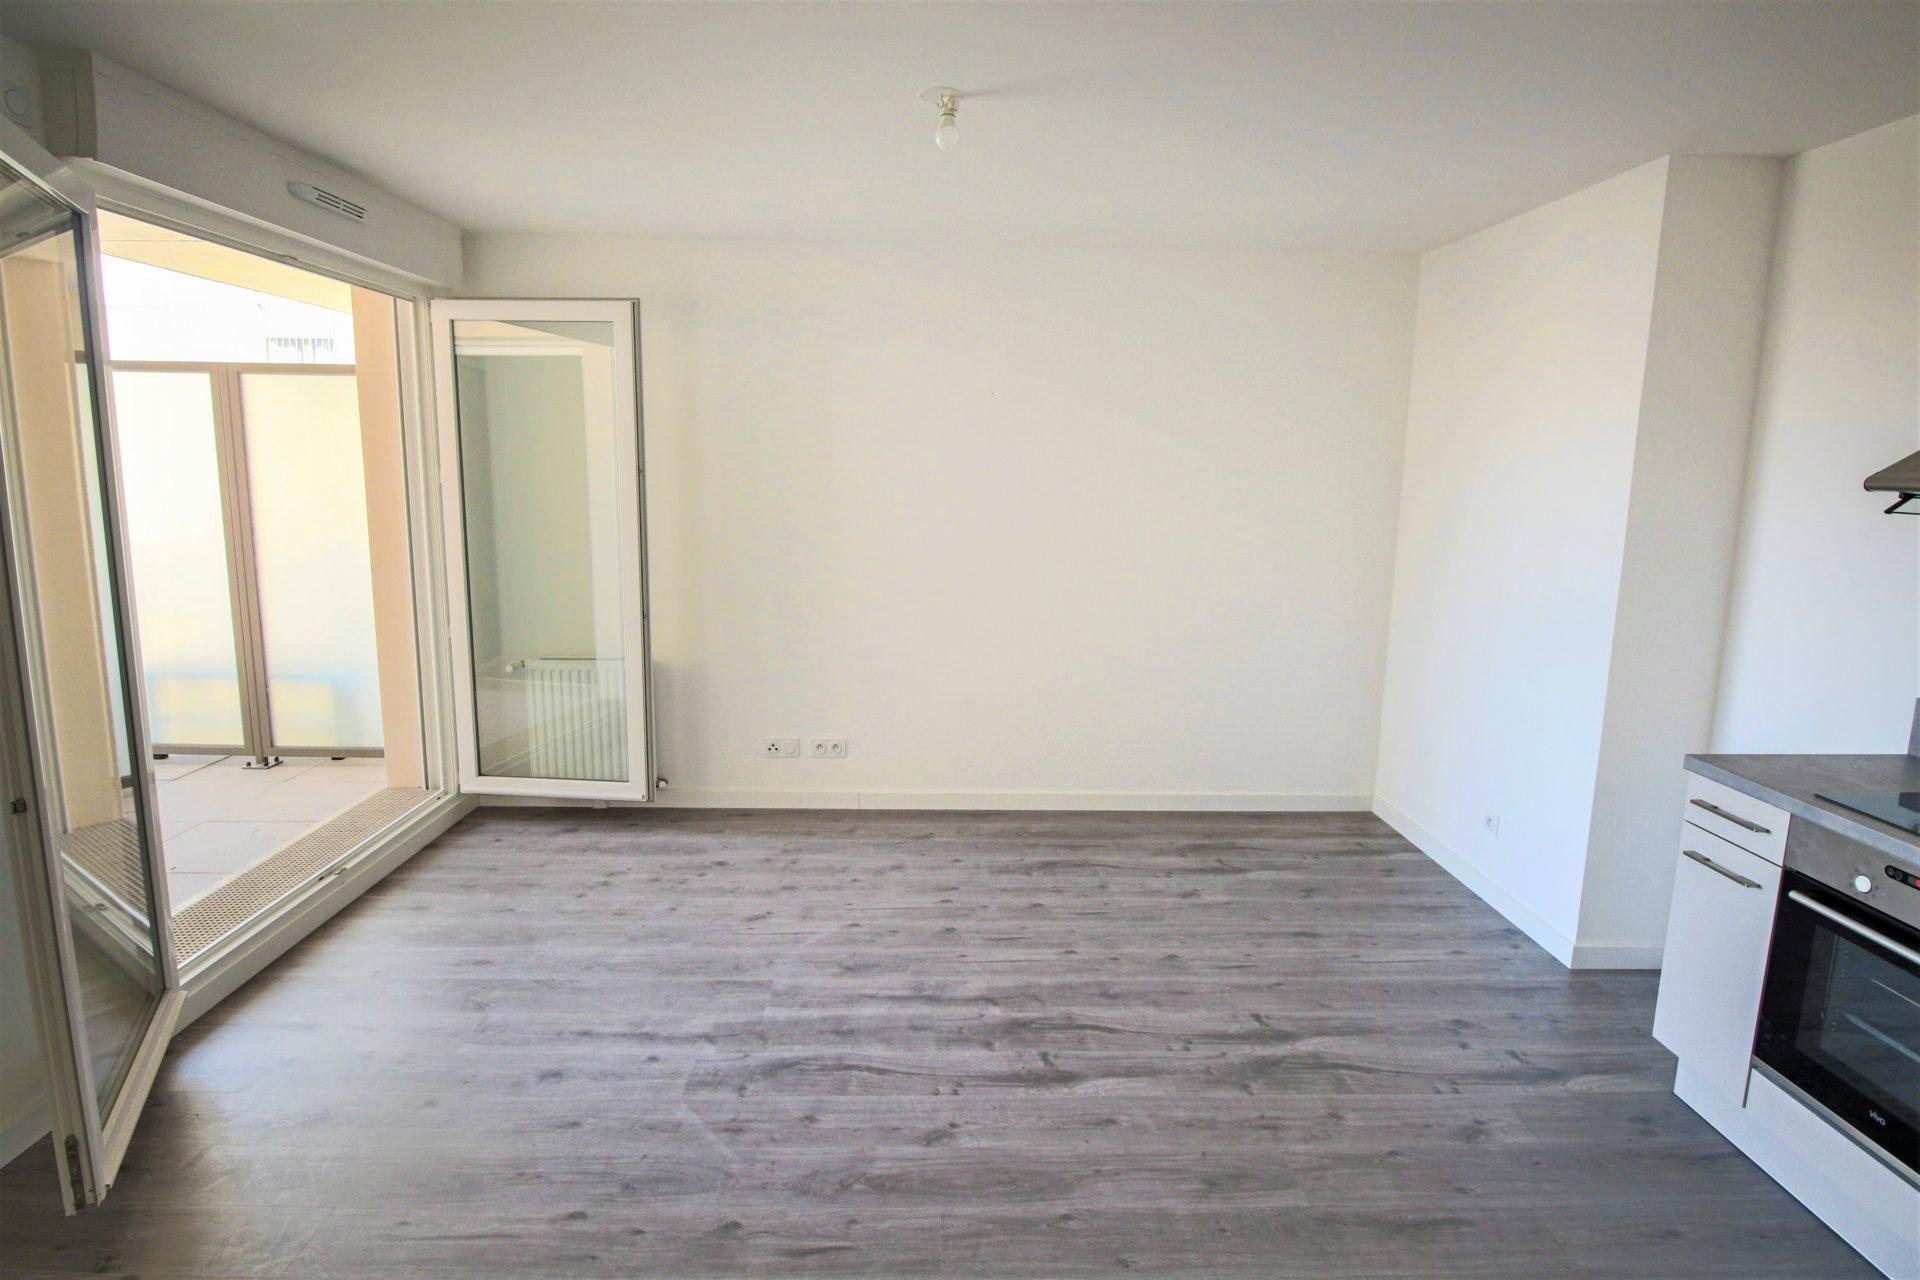 APPARTEMENT STANDING RT2012 de 2 pièces 41,24 m² , BALCON et PARKING